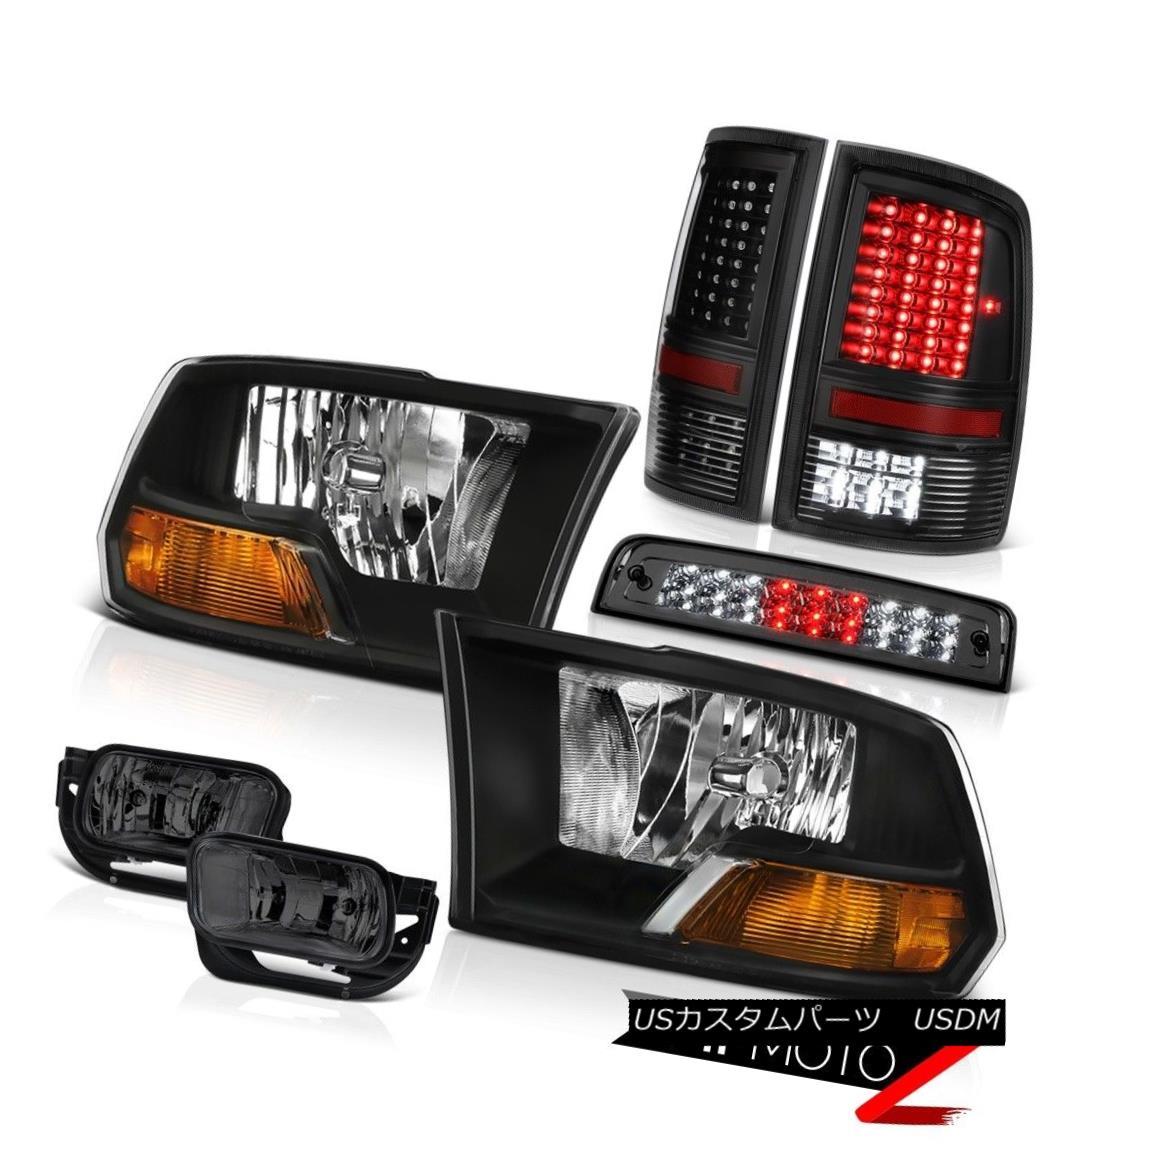 テールライト 2009-2013 Ram 1500 6.4L Tail Lights Smoked Foglights Third Brake Lamp Headlamps 2009-2013 Ram 1500 6.4Lテールライトスモークフォグライト第3ブレーキランプヘッドランプ